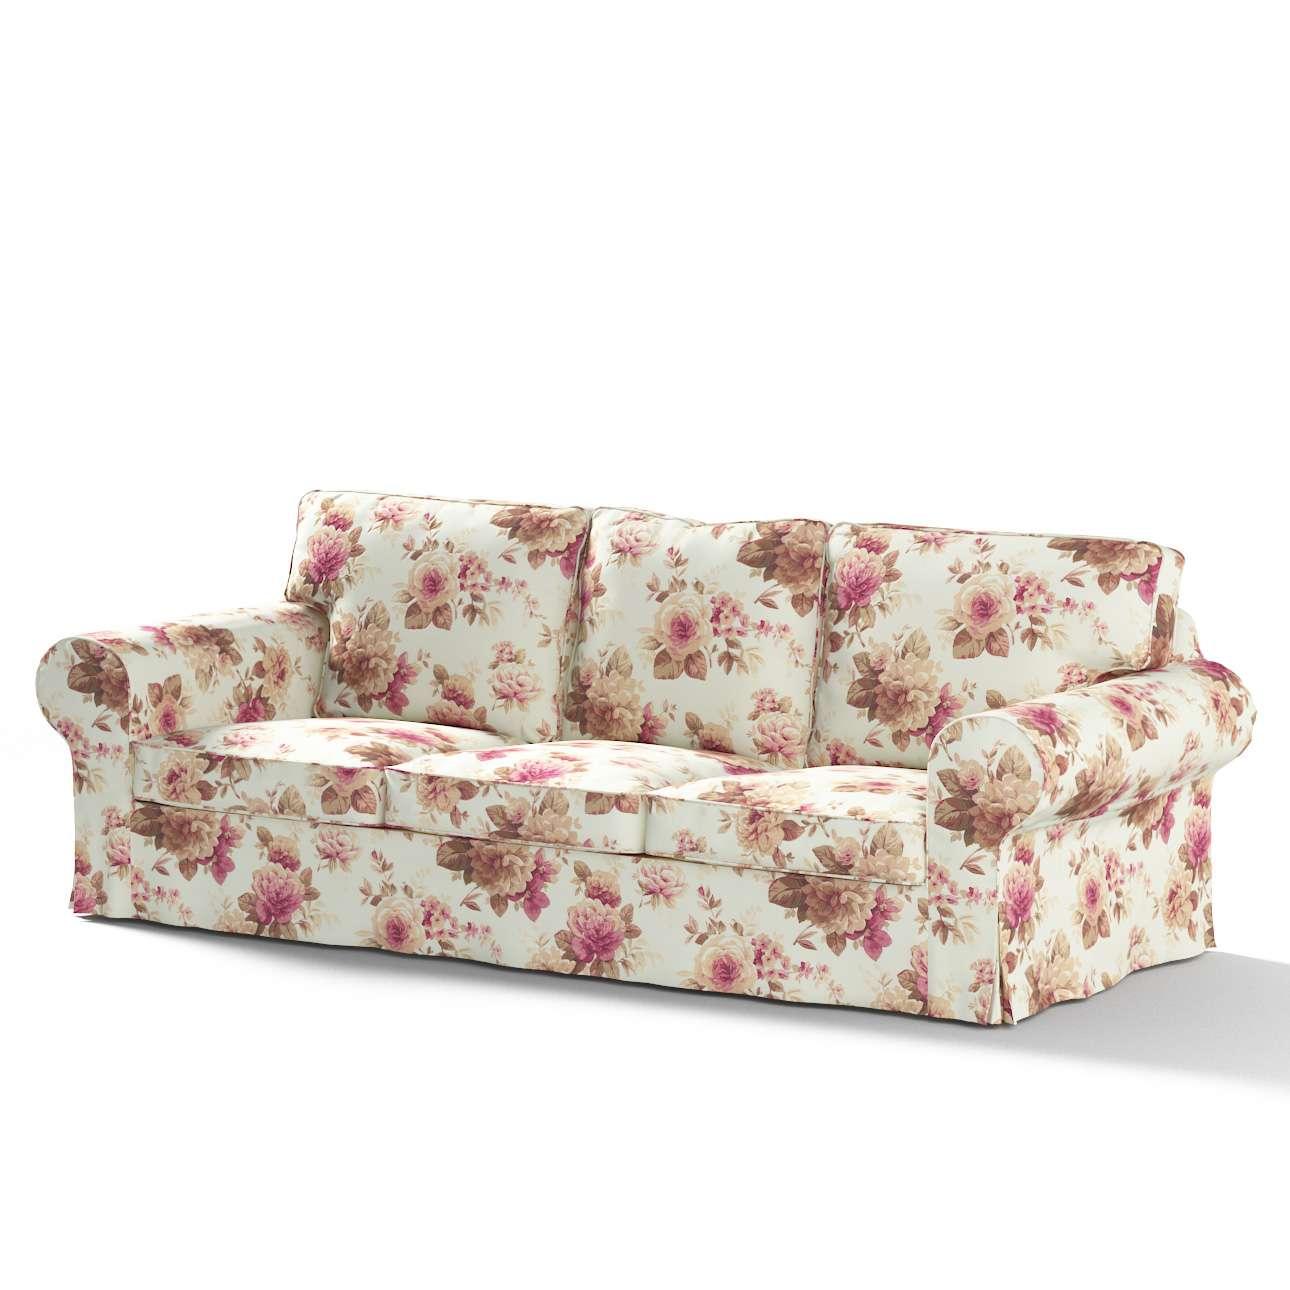 Pokrowiec na sofę Ektorp 3-osobową, rozkładaną w kolekcji Londres, tkanina: 141-06